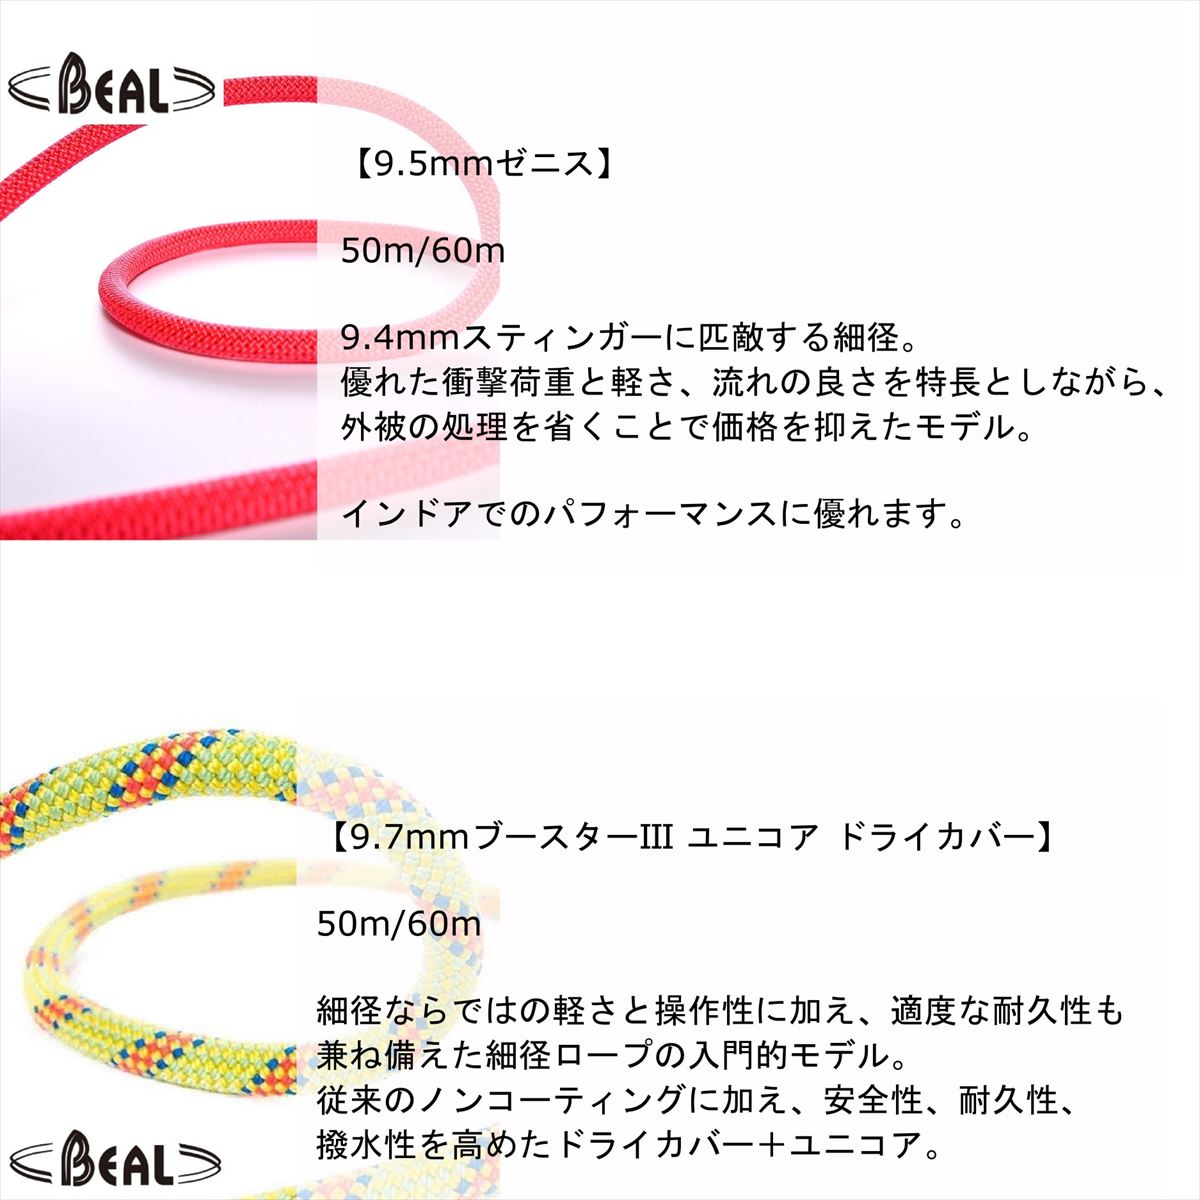 ベアール 9.4mm スティンガー� 70m ユニコア/ドライカバー 【店頭受取ポイントUP商品700Pプレゼント】